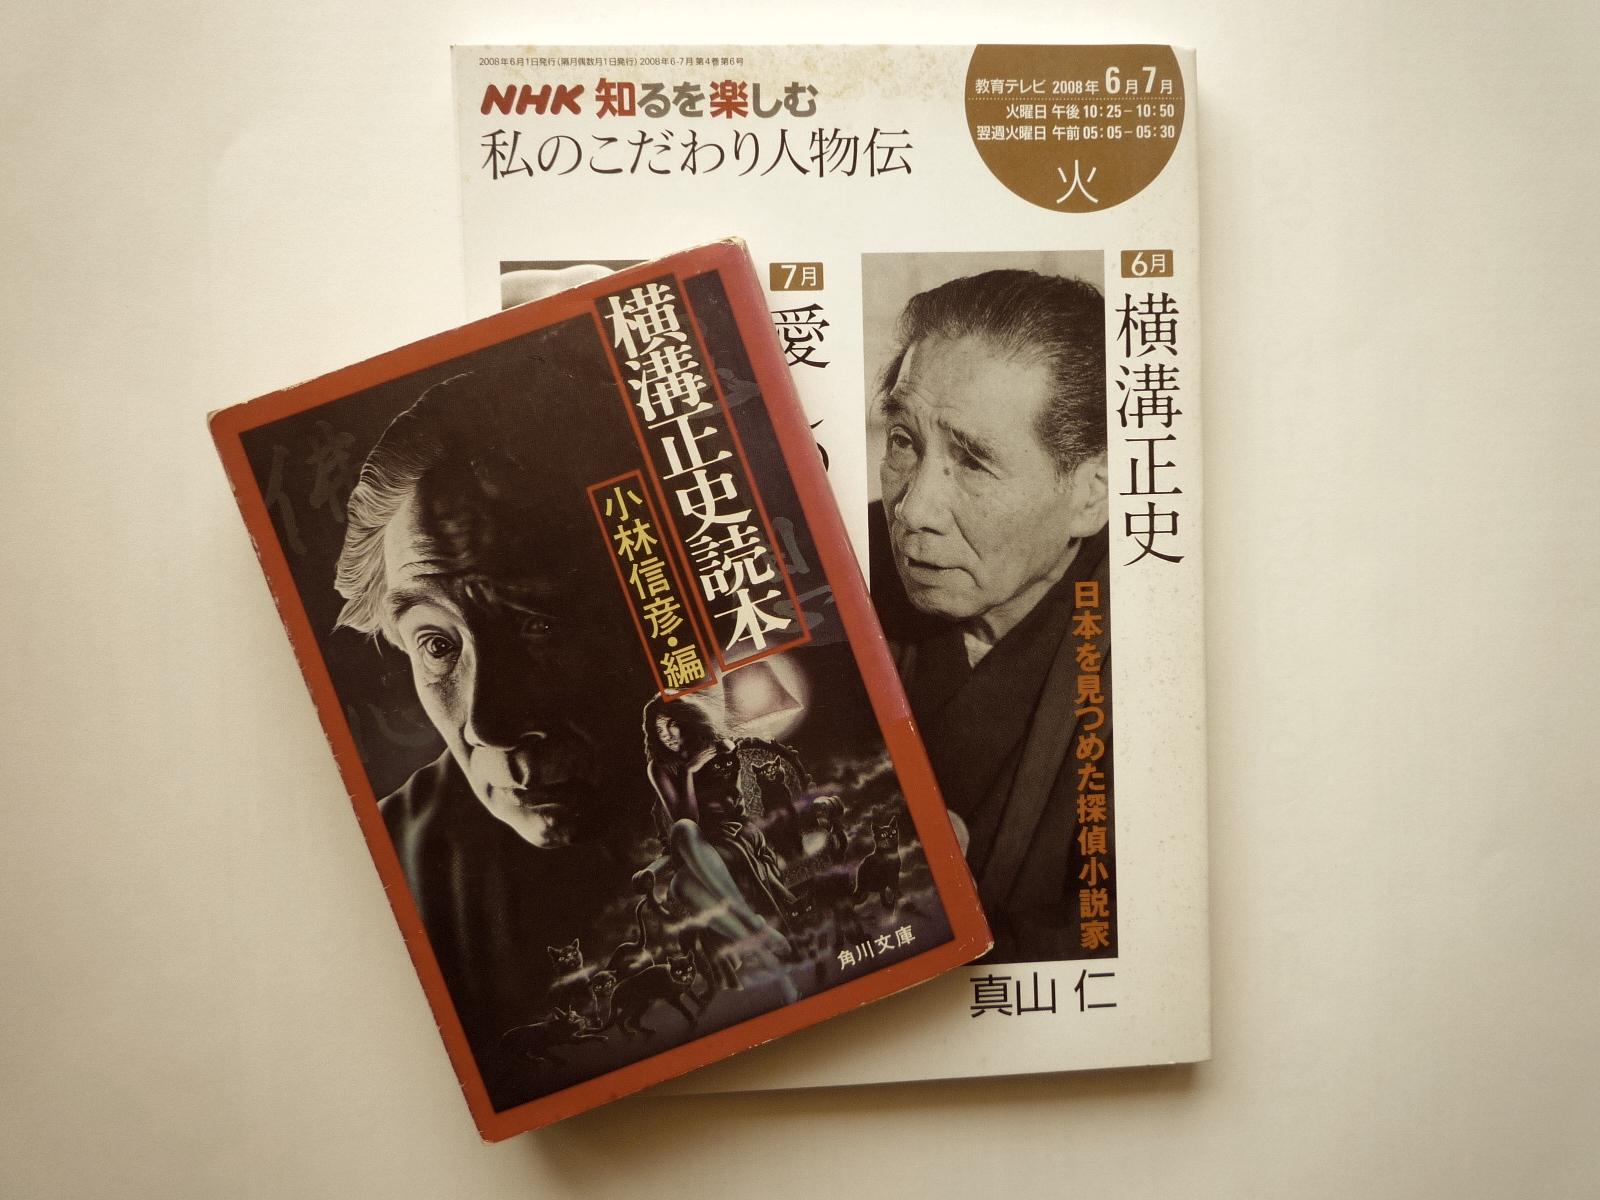 横溝正史三昧〜ヨコセイざんまい02<br>「九時の女」